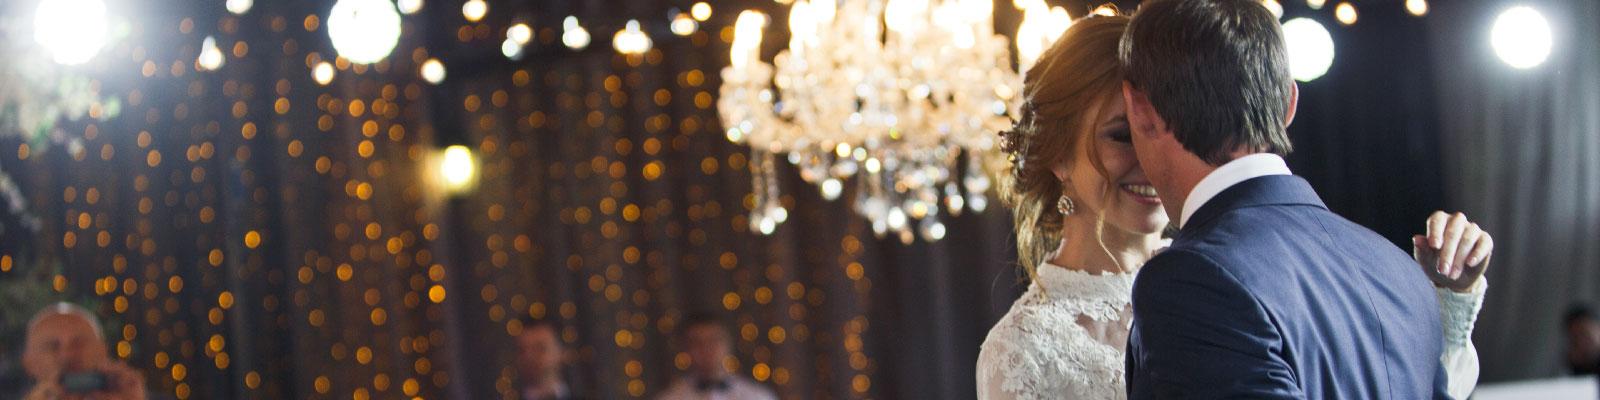 Live muziek door een zanger tijdens je openingsdans huwelijk